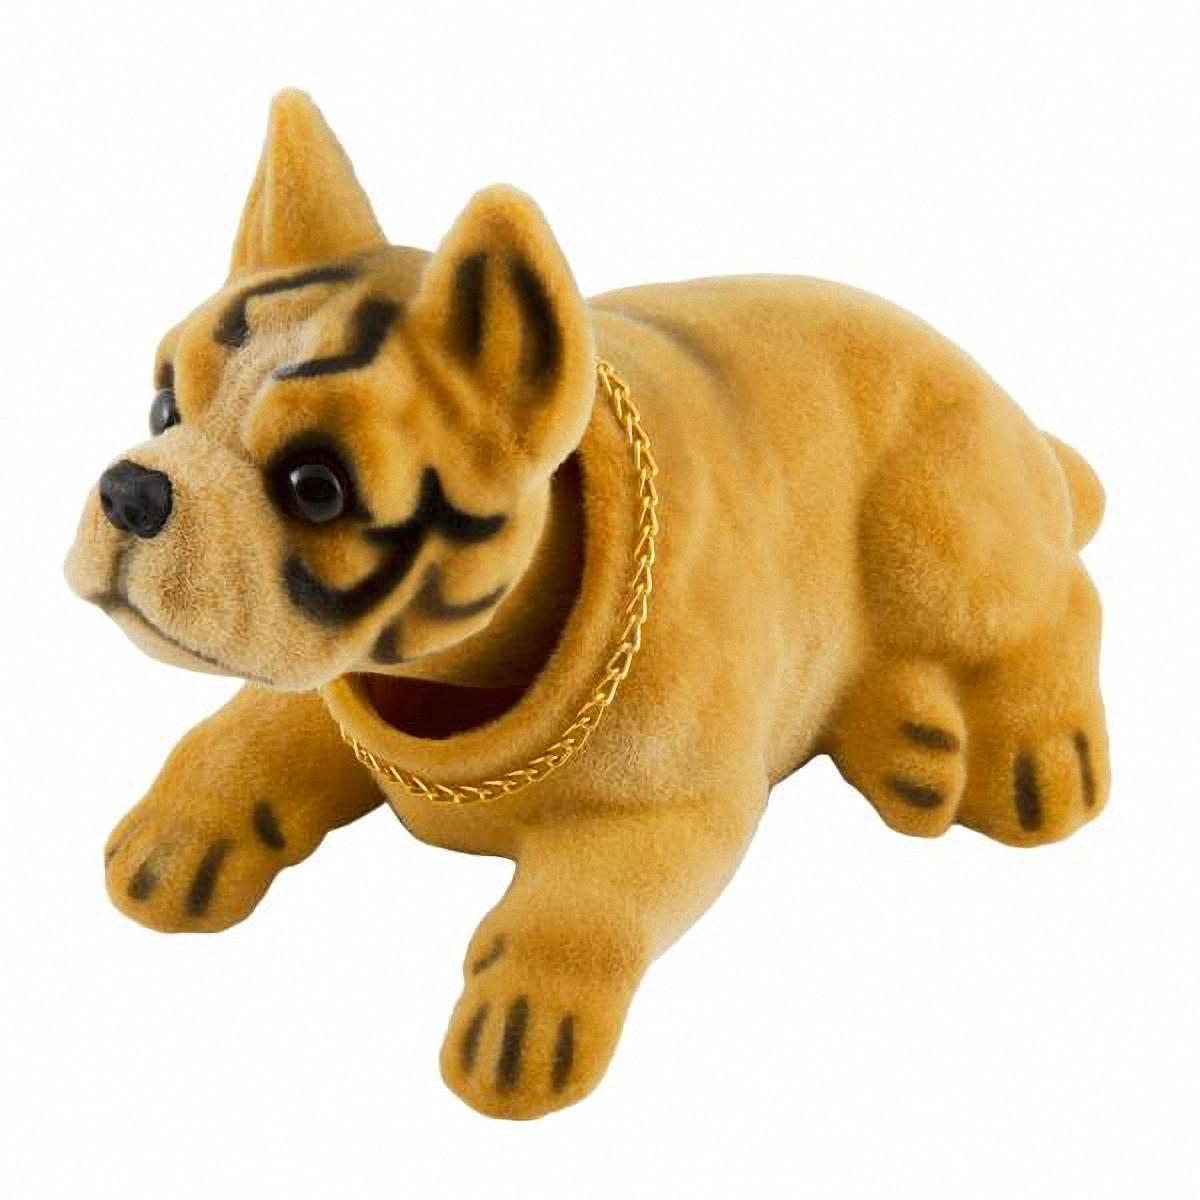 Ароматизатор воздуха автомобильный Skyway Боксер, яблокоCA-3505Фигурка собаки с освежителем Яблоко легко крепится на панель и украшает интерьер салона автомобиля. Яблочный аромат освежителя, входящий в комплект, наполняет салон приятным благоуханием и устраняет все неприятные запахи. Благодаря своей текстуре, освежитель менее летуч и не испарится в жаркое время года, поэтому вы сможете наслаждаться понравившимся ароматом длительное время. Освежитель располагается в игрушке, внутри она пустотелая. Особенности игрушки:Качает головой во время движения автомобиля. Работает без батареек и солнечной энергии. Простая и быстрая установка в салоне вашего автомобиля с помощью клейкой ленты. Внимание: Не устанавливайте игрушку в местах срабатывания подушек безопасности. Беречь от детей и животных. Материал: синтетическая смола. Комплектация: освежитель, клейкая лента, игрушка.